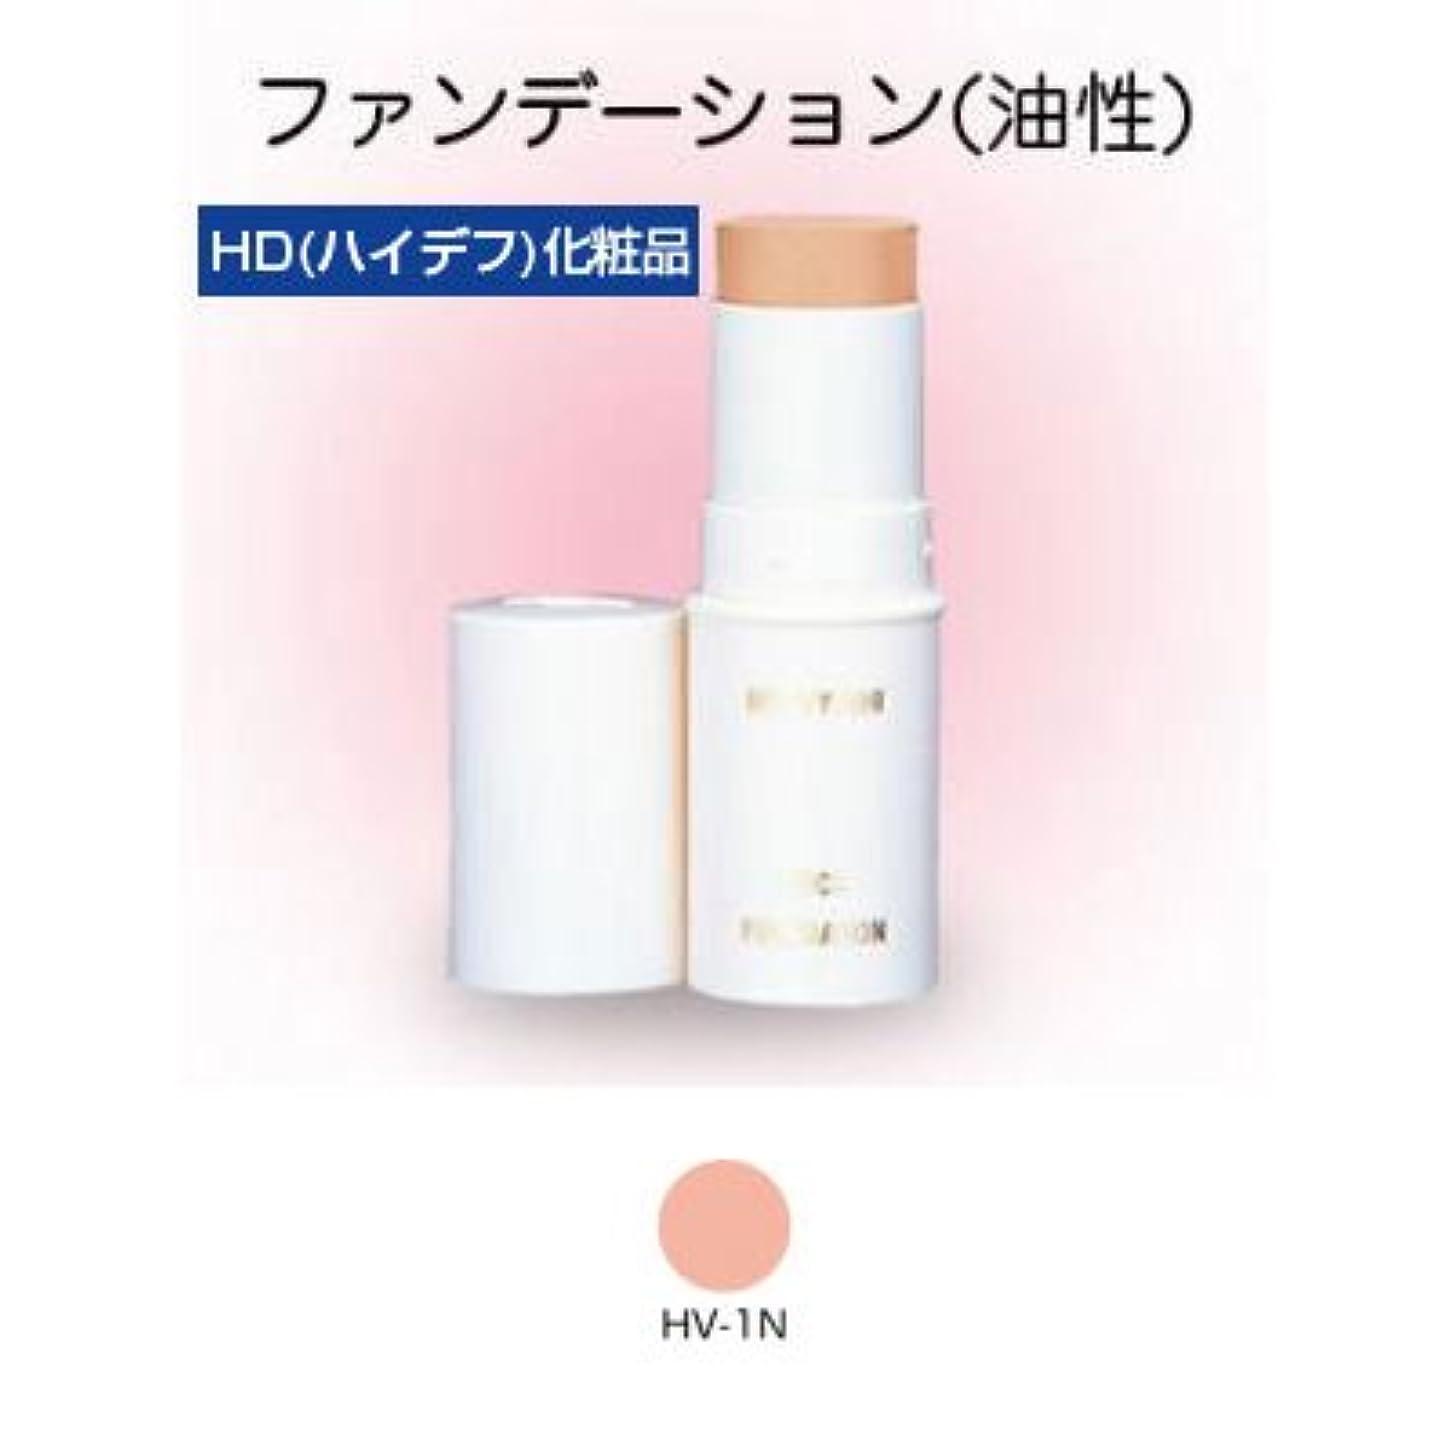 前売おもしろいシールドスティックファンデーション HD化粧品 17g 1NY 【三善】